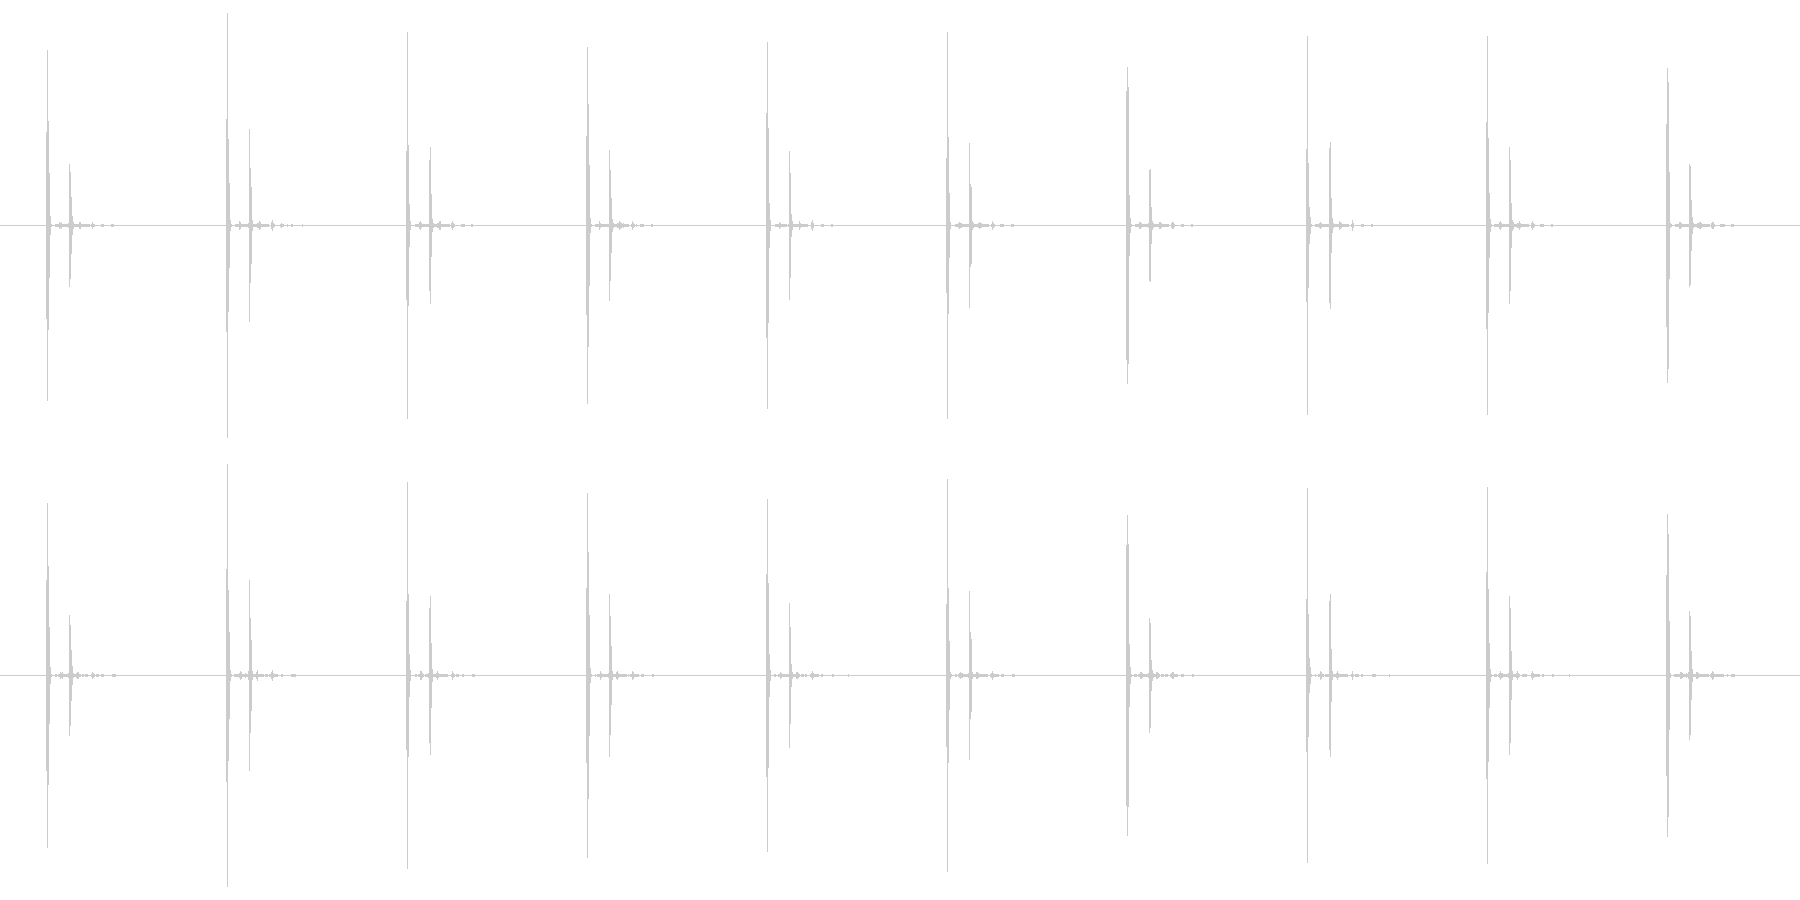 チクタク(時計の秒針の音) 01の未再生の波形